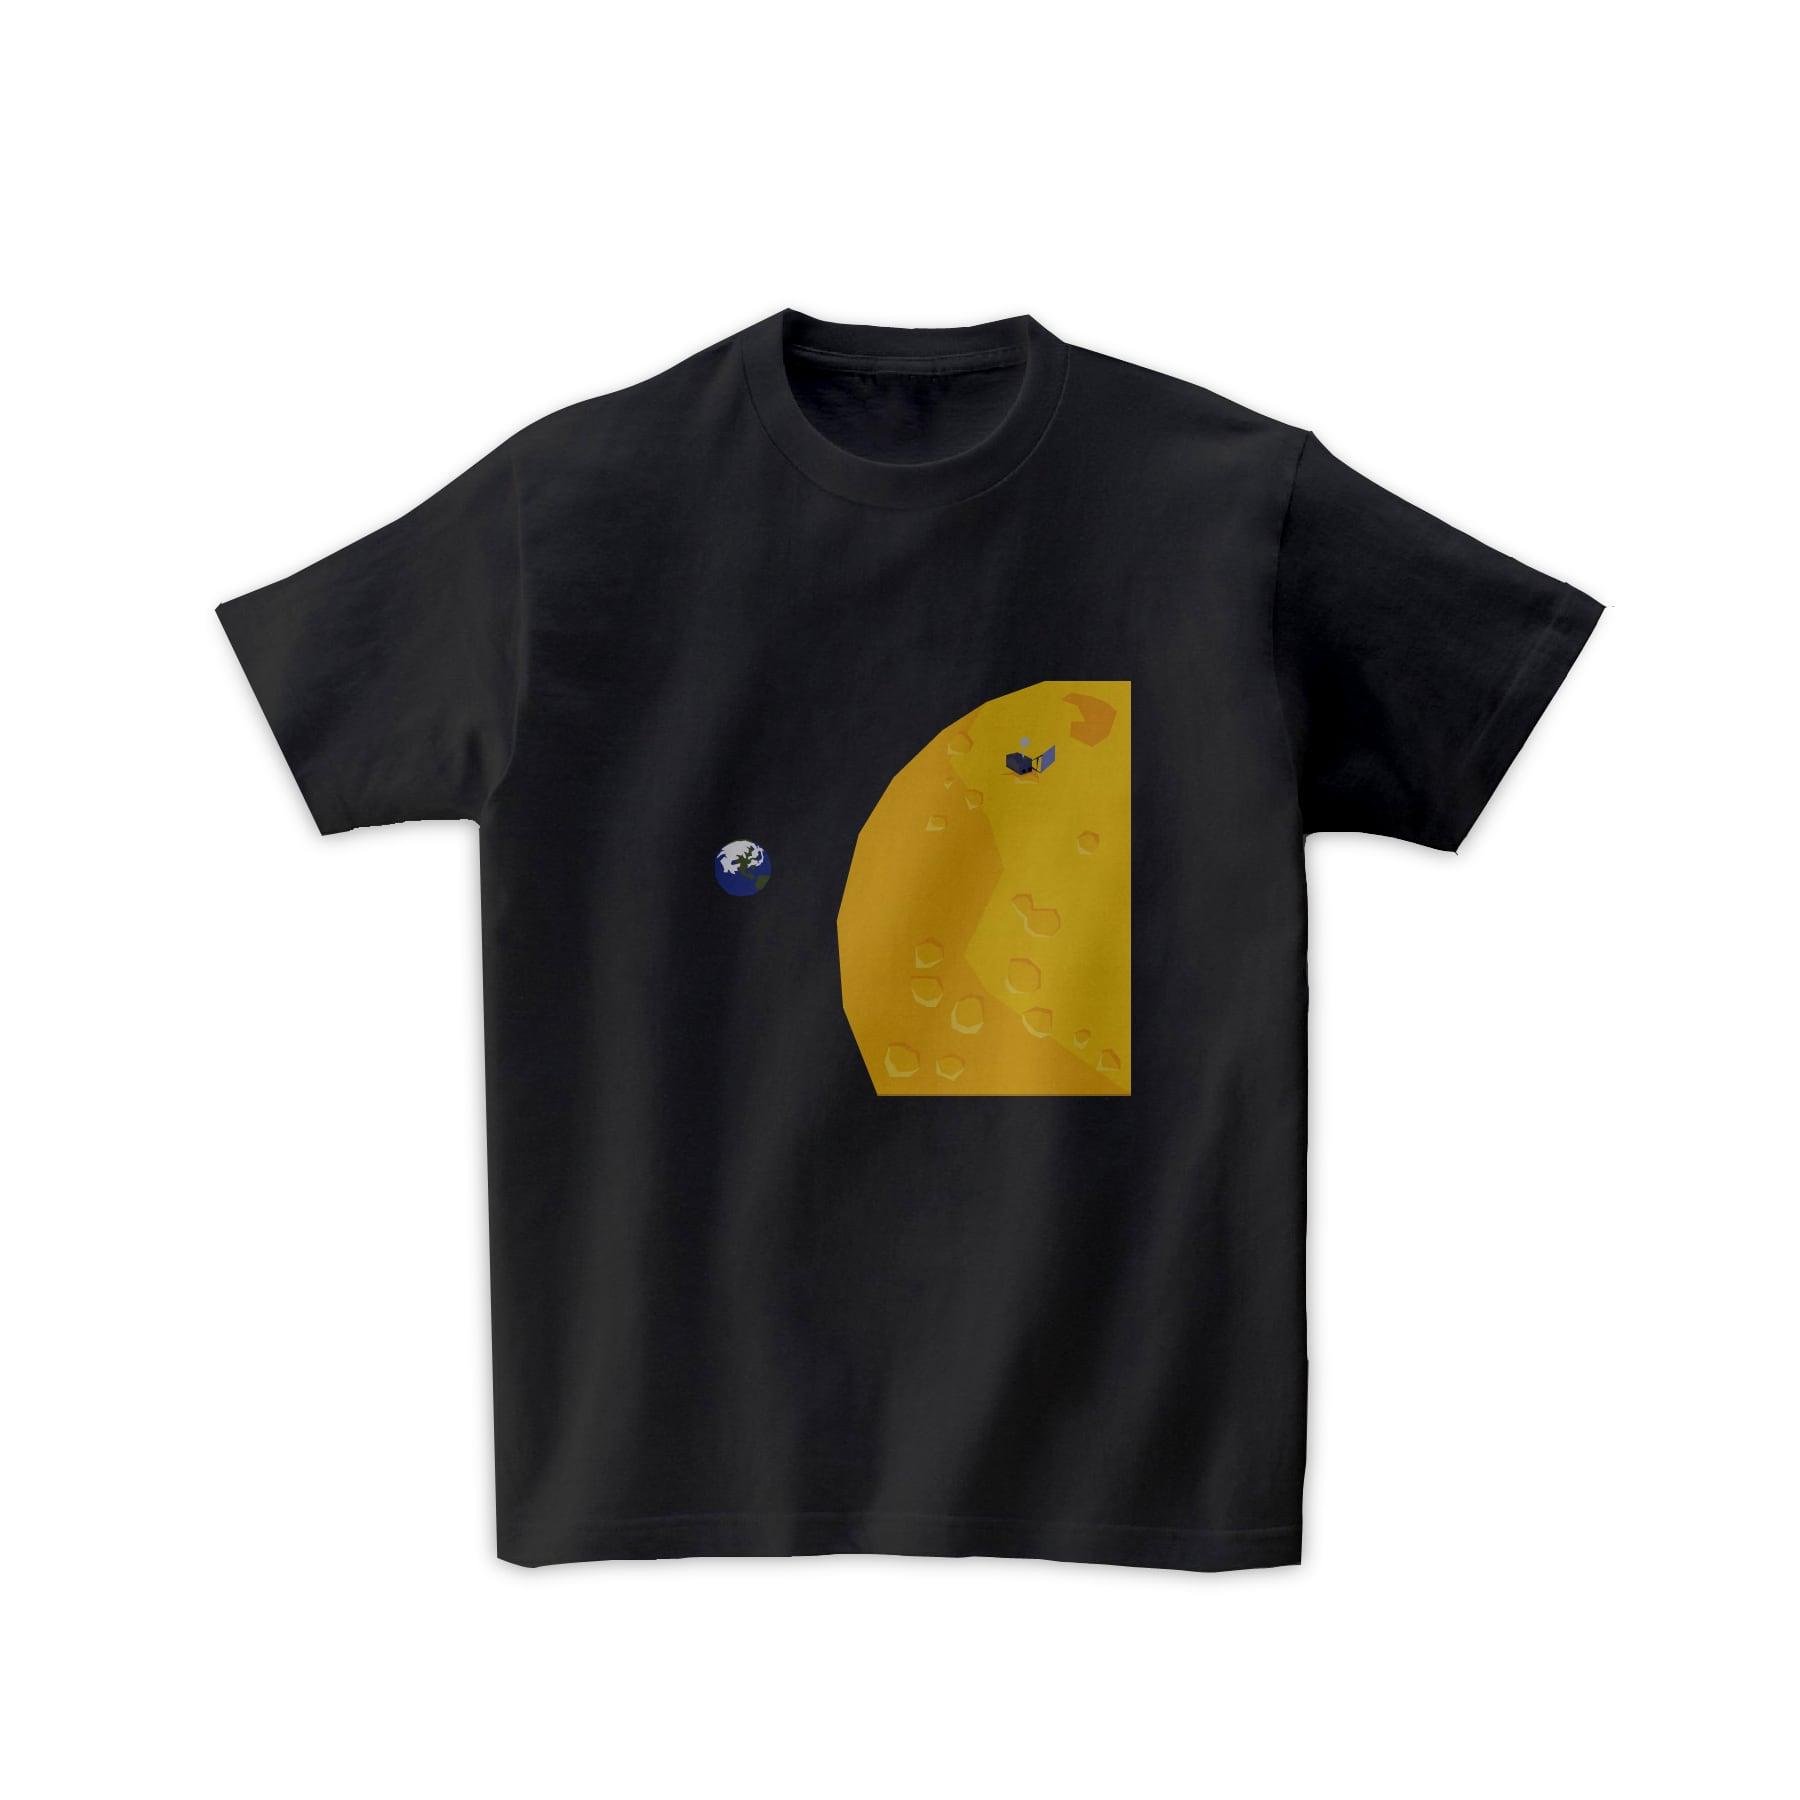 宇宙Tシャツ-月面探査機